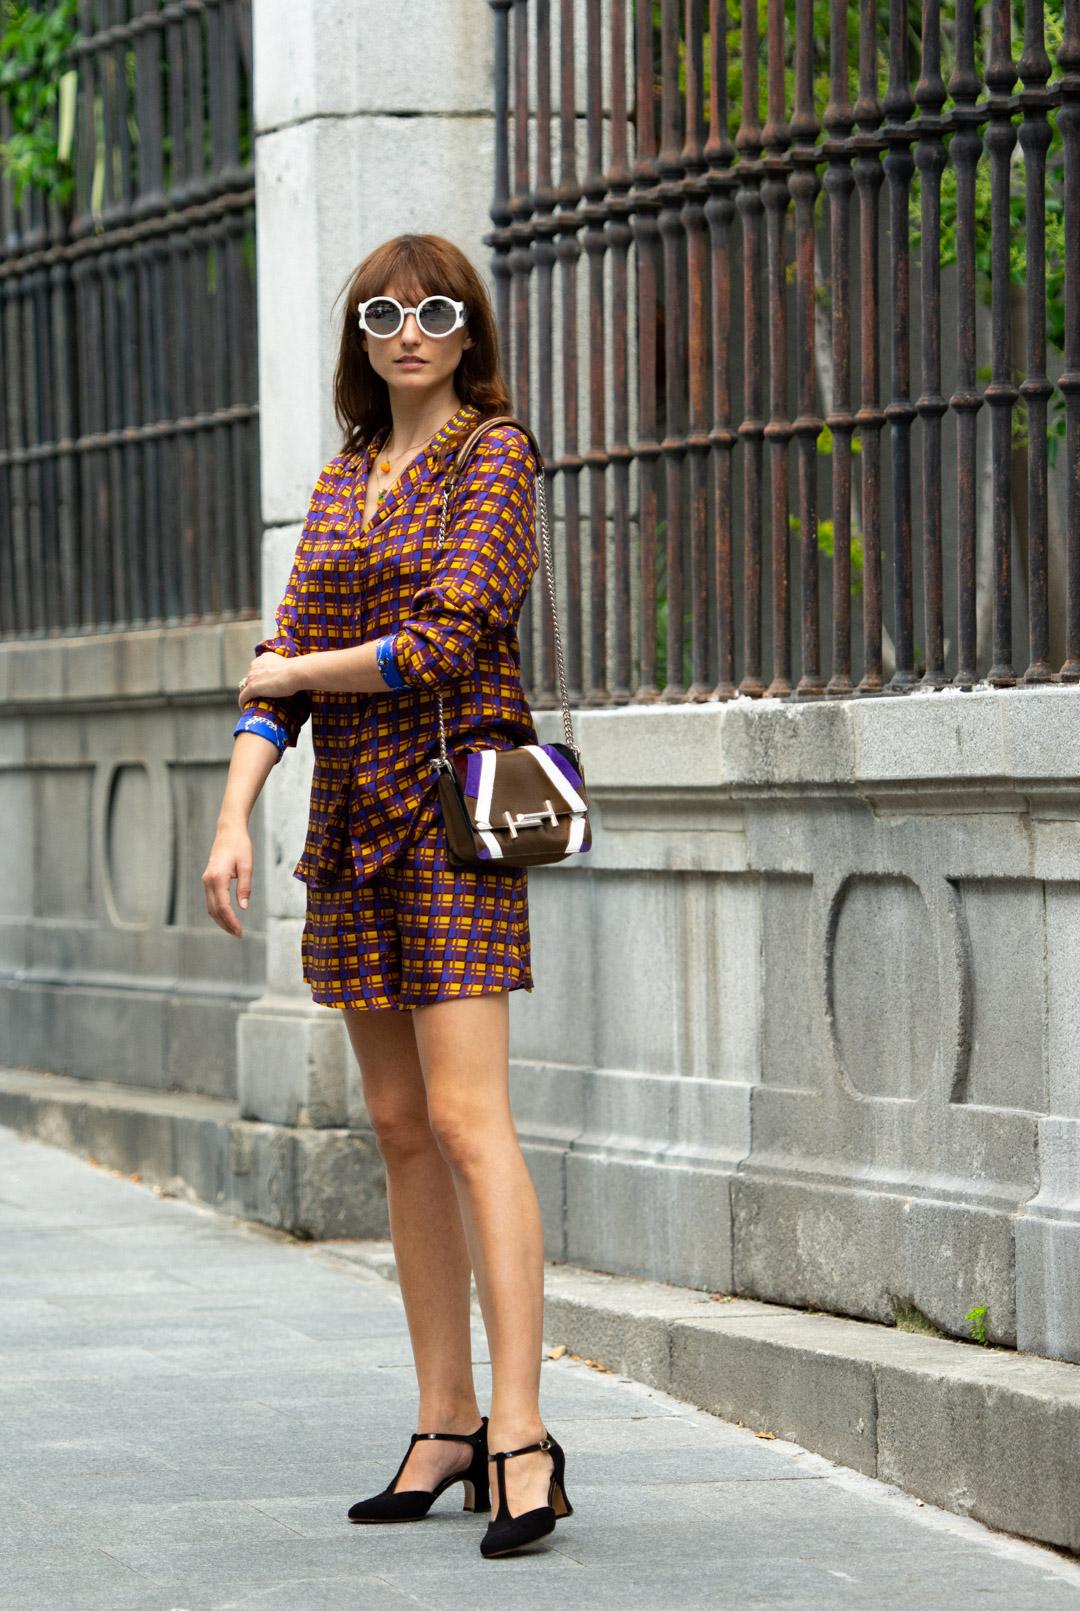 pijama-street-style-mayte-de-la-iglesia-web-03